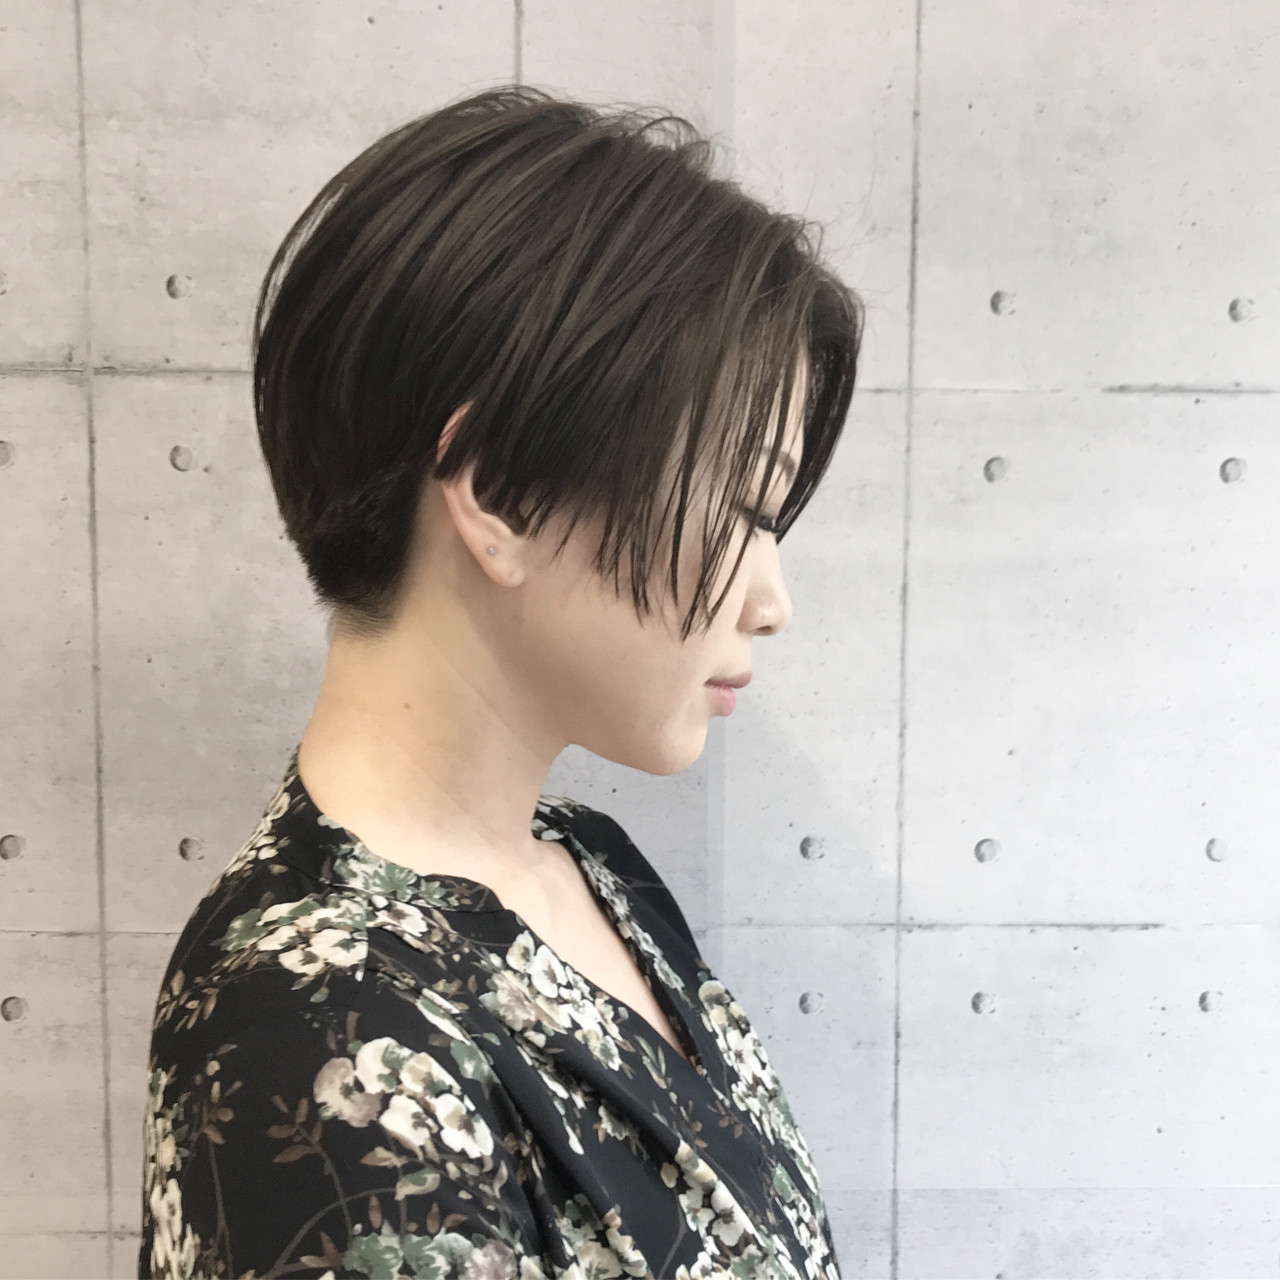 小顔効果を狙って☆オフィスOKのストレートヘア Tomotaka Hamaya